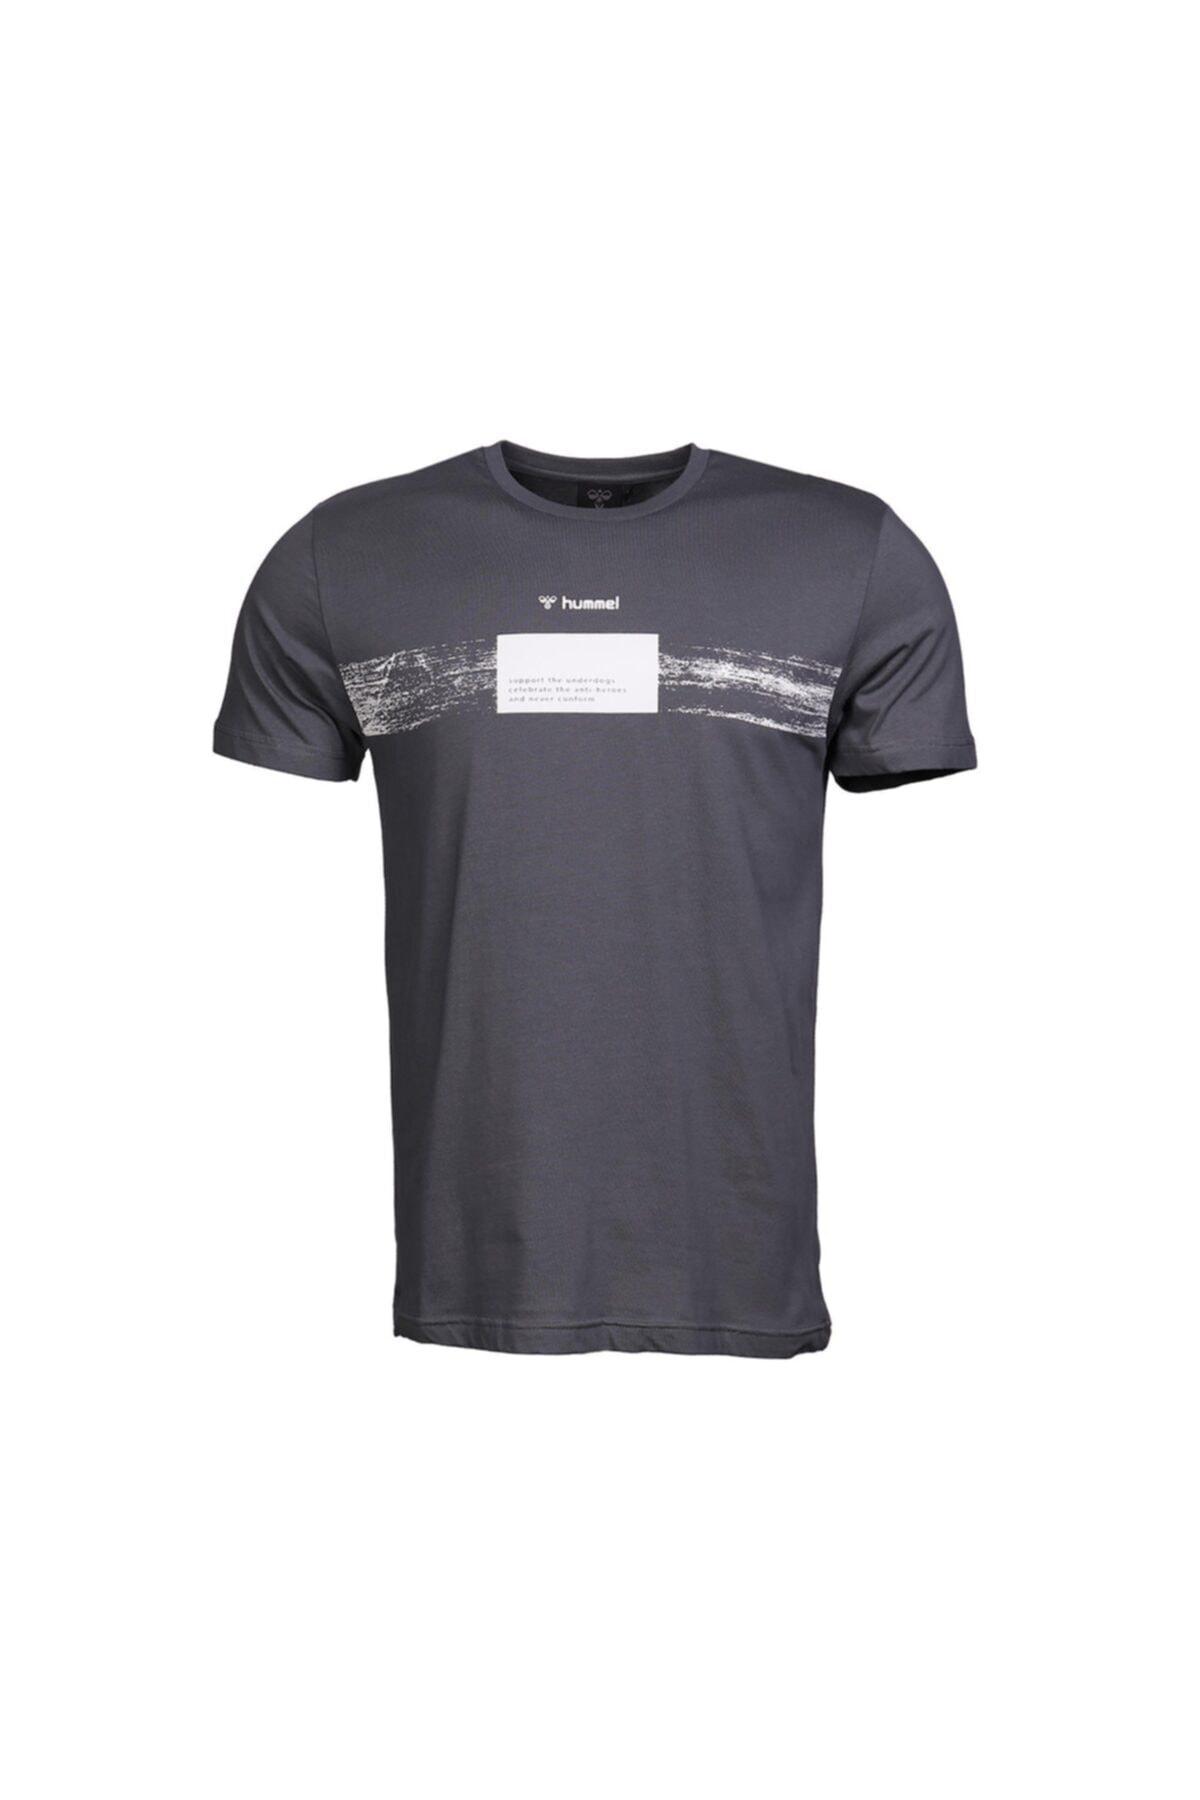 خرید اینترنتی تیشرت بلند مارک هومل رنگ نقره ای کد ty35178100